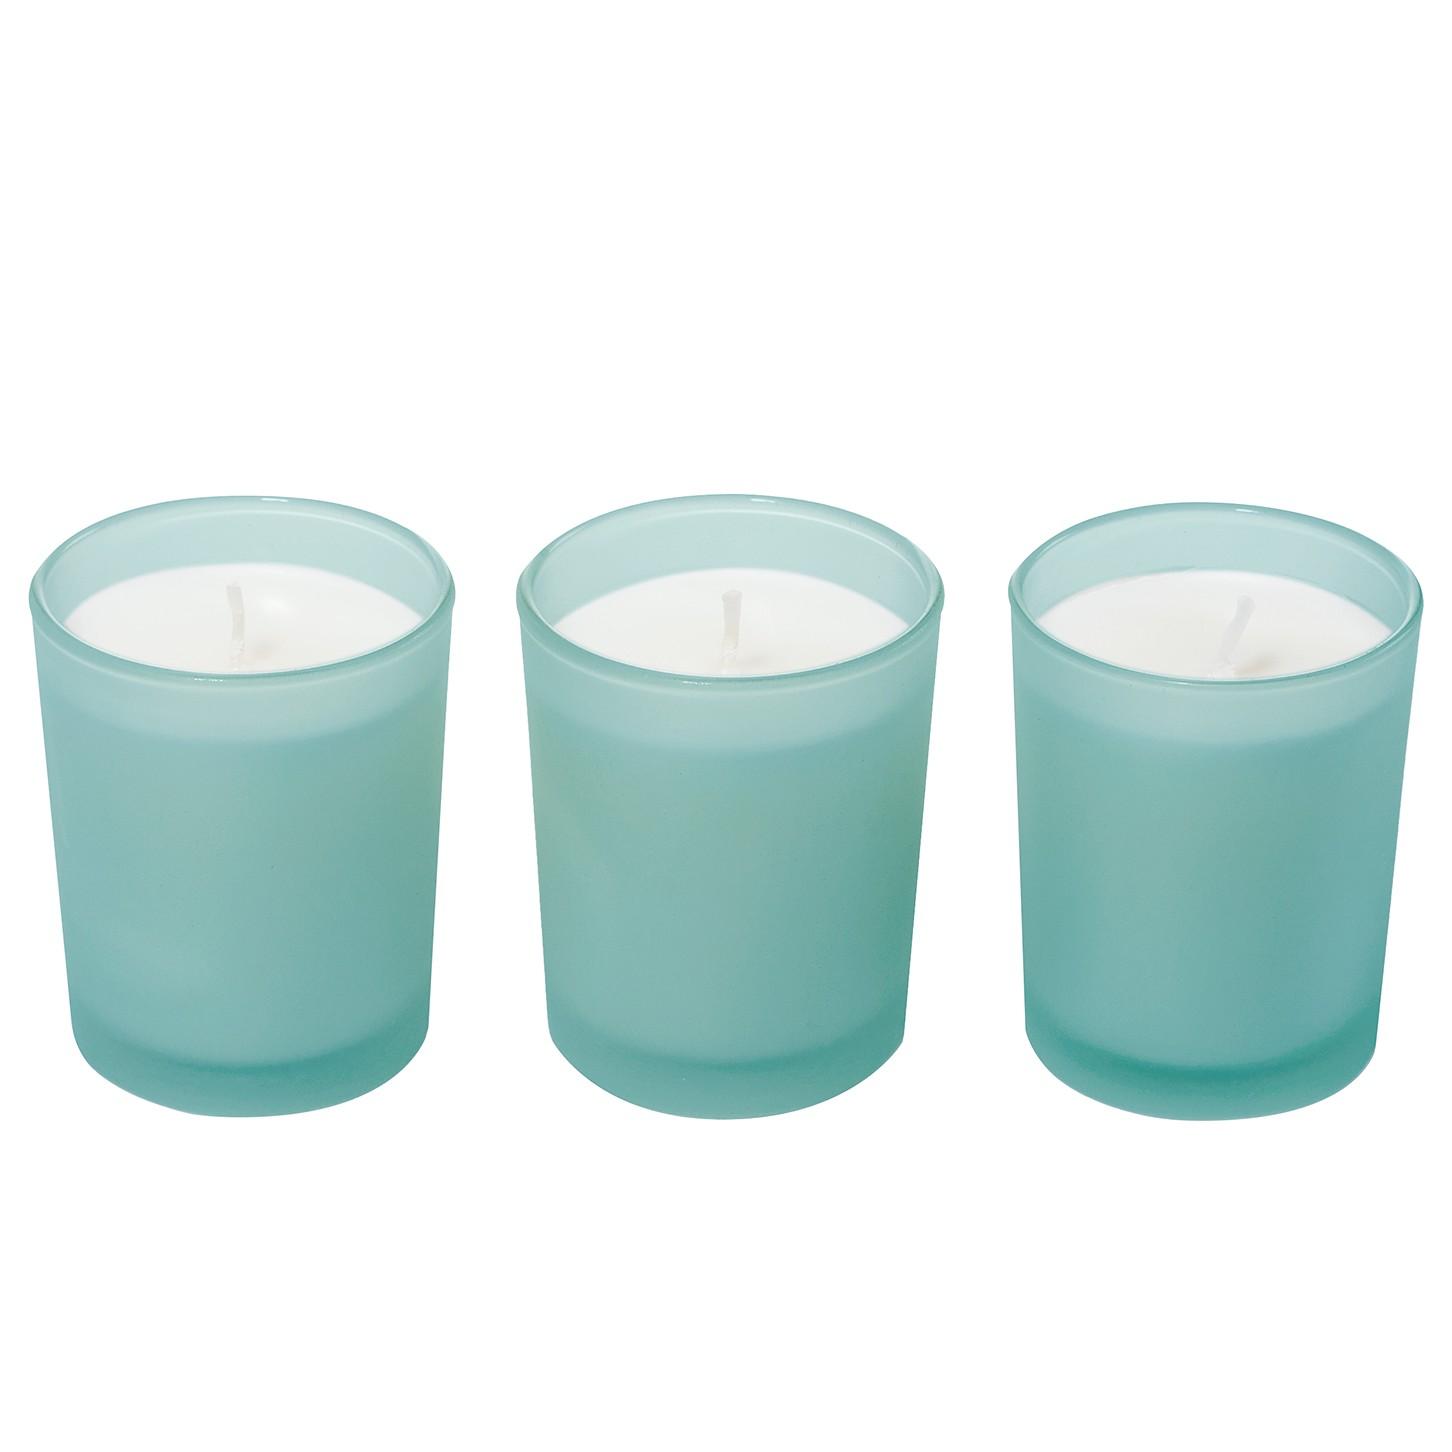 Gesehen: Duftkerzen Coconut Lime 3er-Set Deal